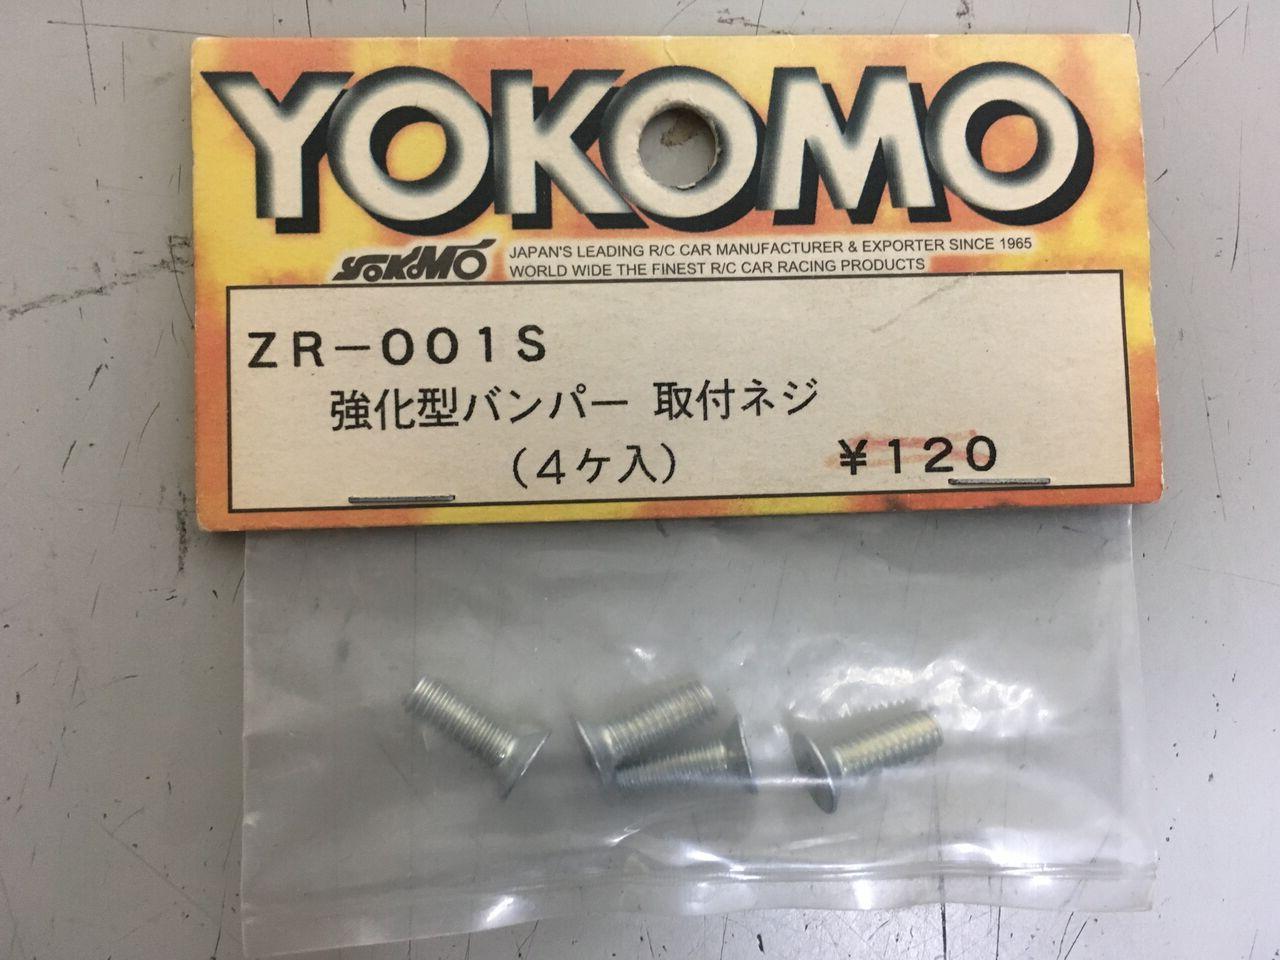 【ネコポス対応品】ヨコモ ZR-001S 強化型バンパー取り付けネジ(4ヶ入)